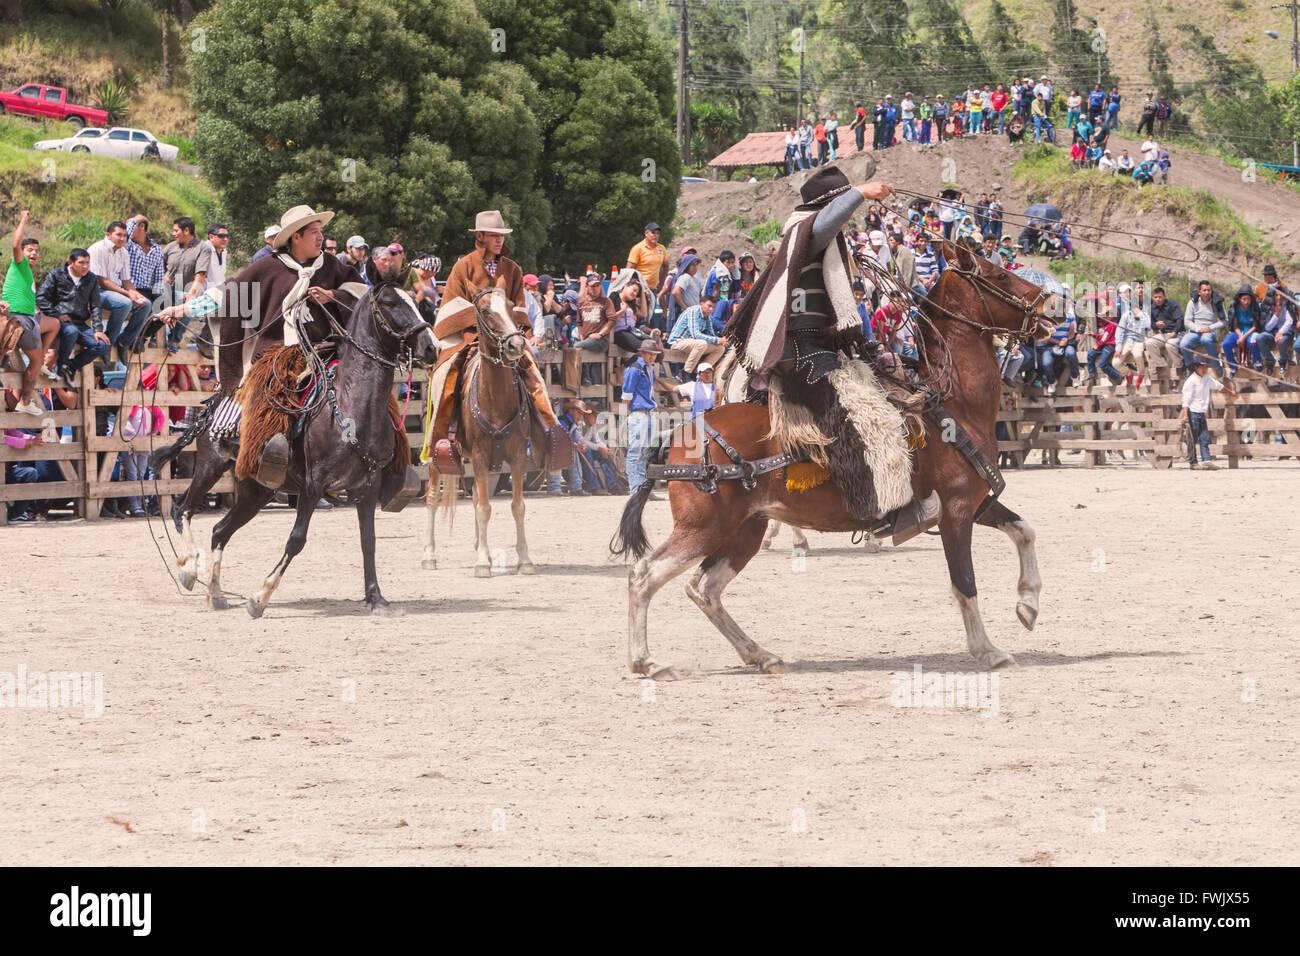 Banos, Ecuador - 30 November 2014: Group Of Latin Indigenous Cowboys Riding A Horse, South America In Banos On November Stock Photo